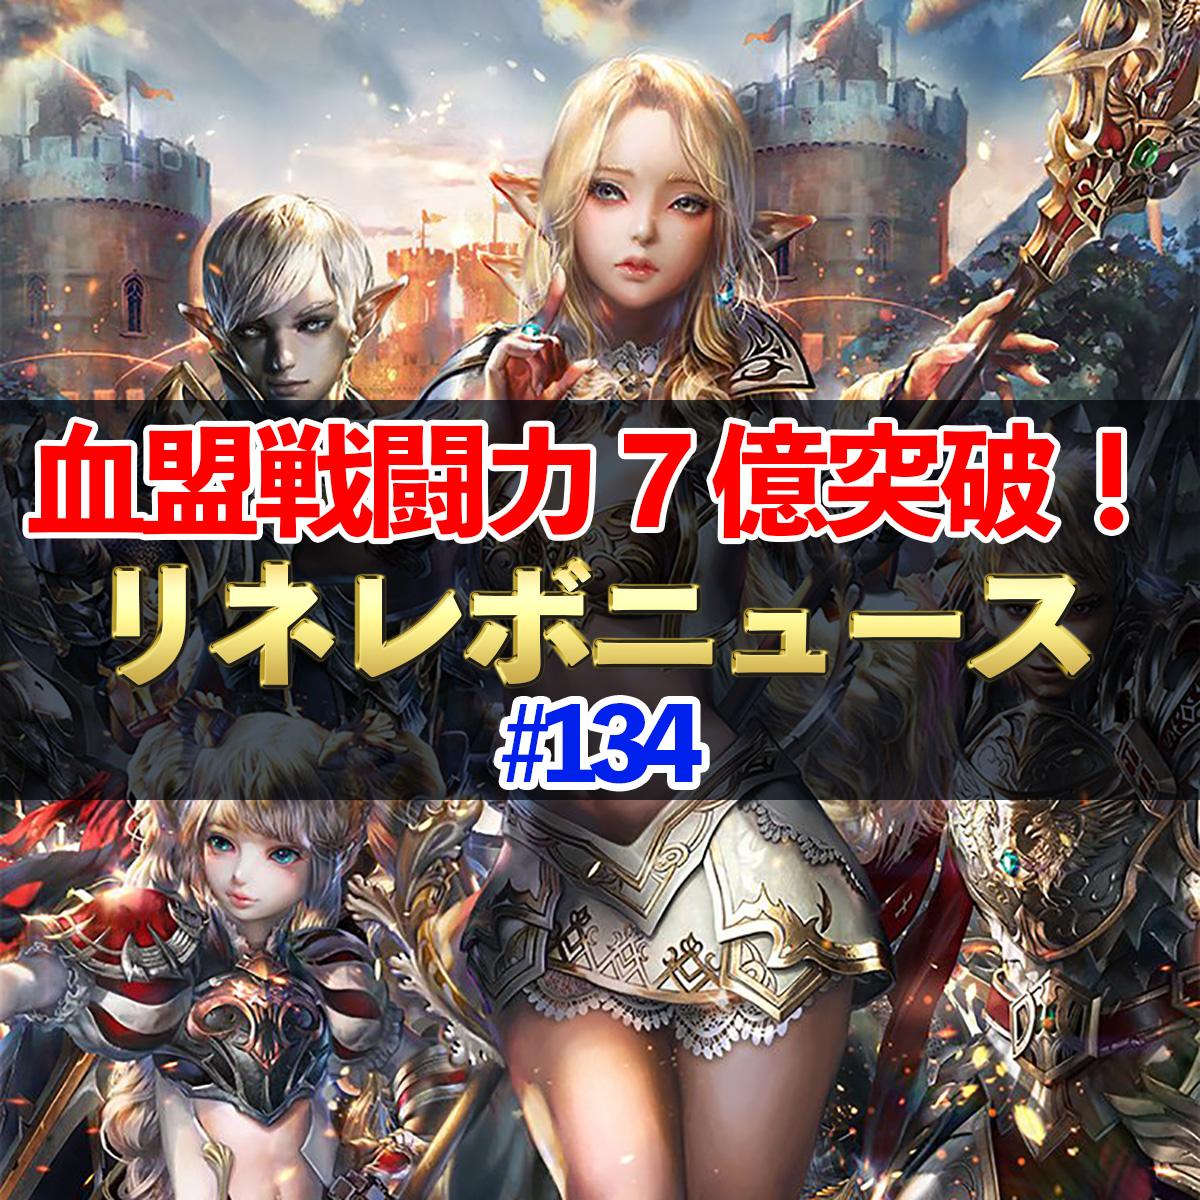 【リネレボ】血盟戦闘力7億突破! リネレボニュース#134